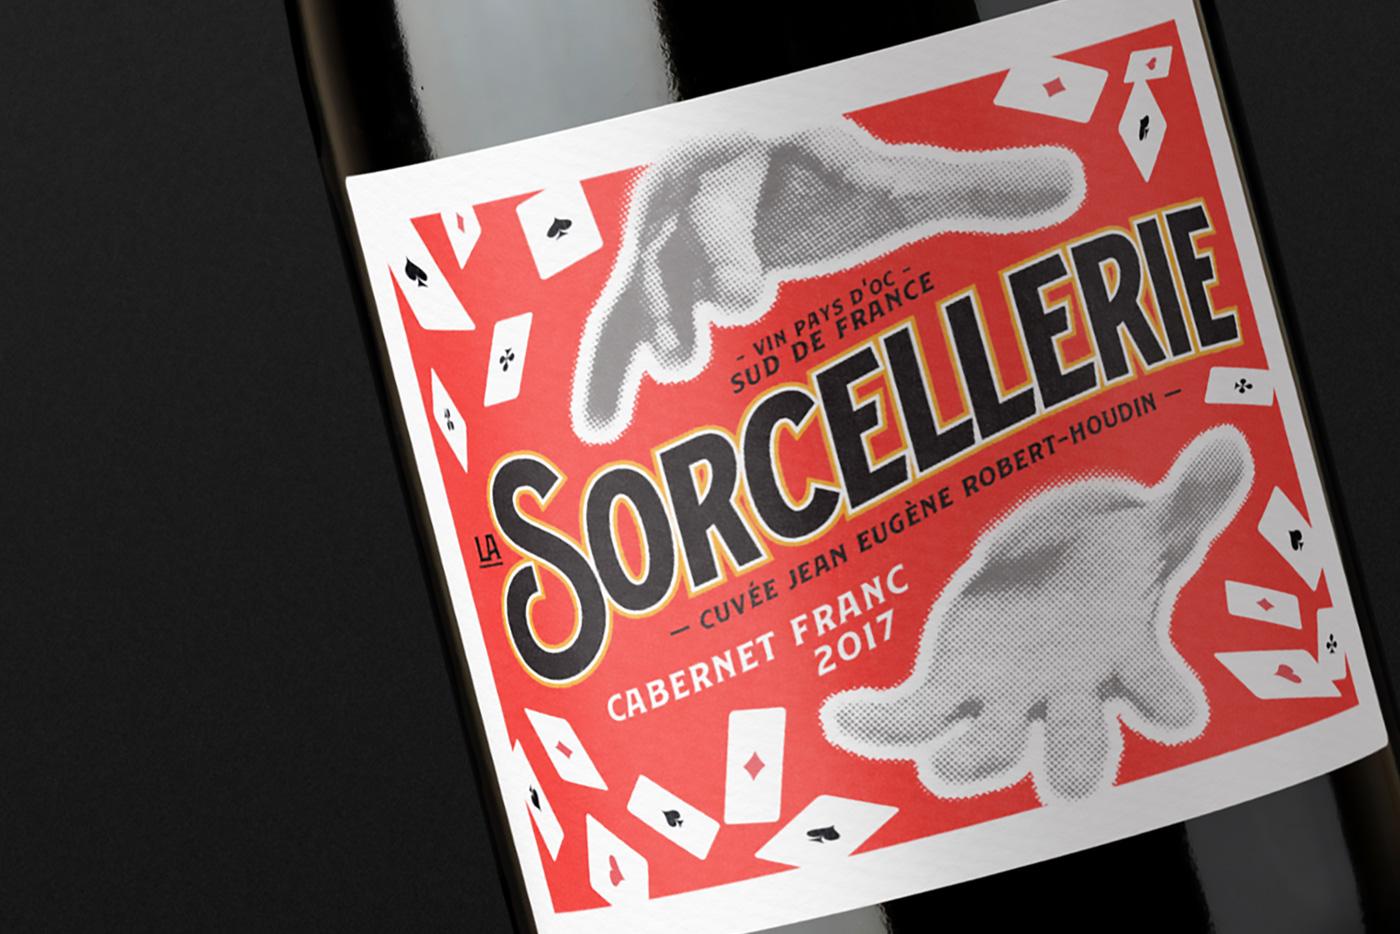 La Sorcellerie — Cabernet Franc